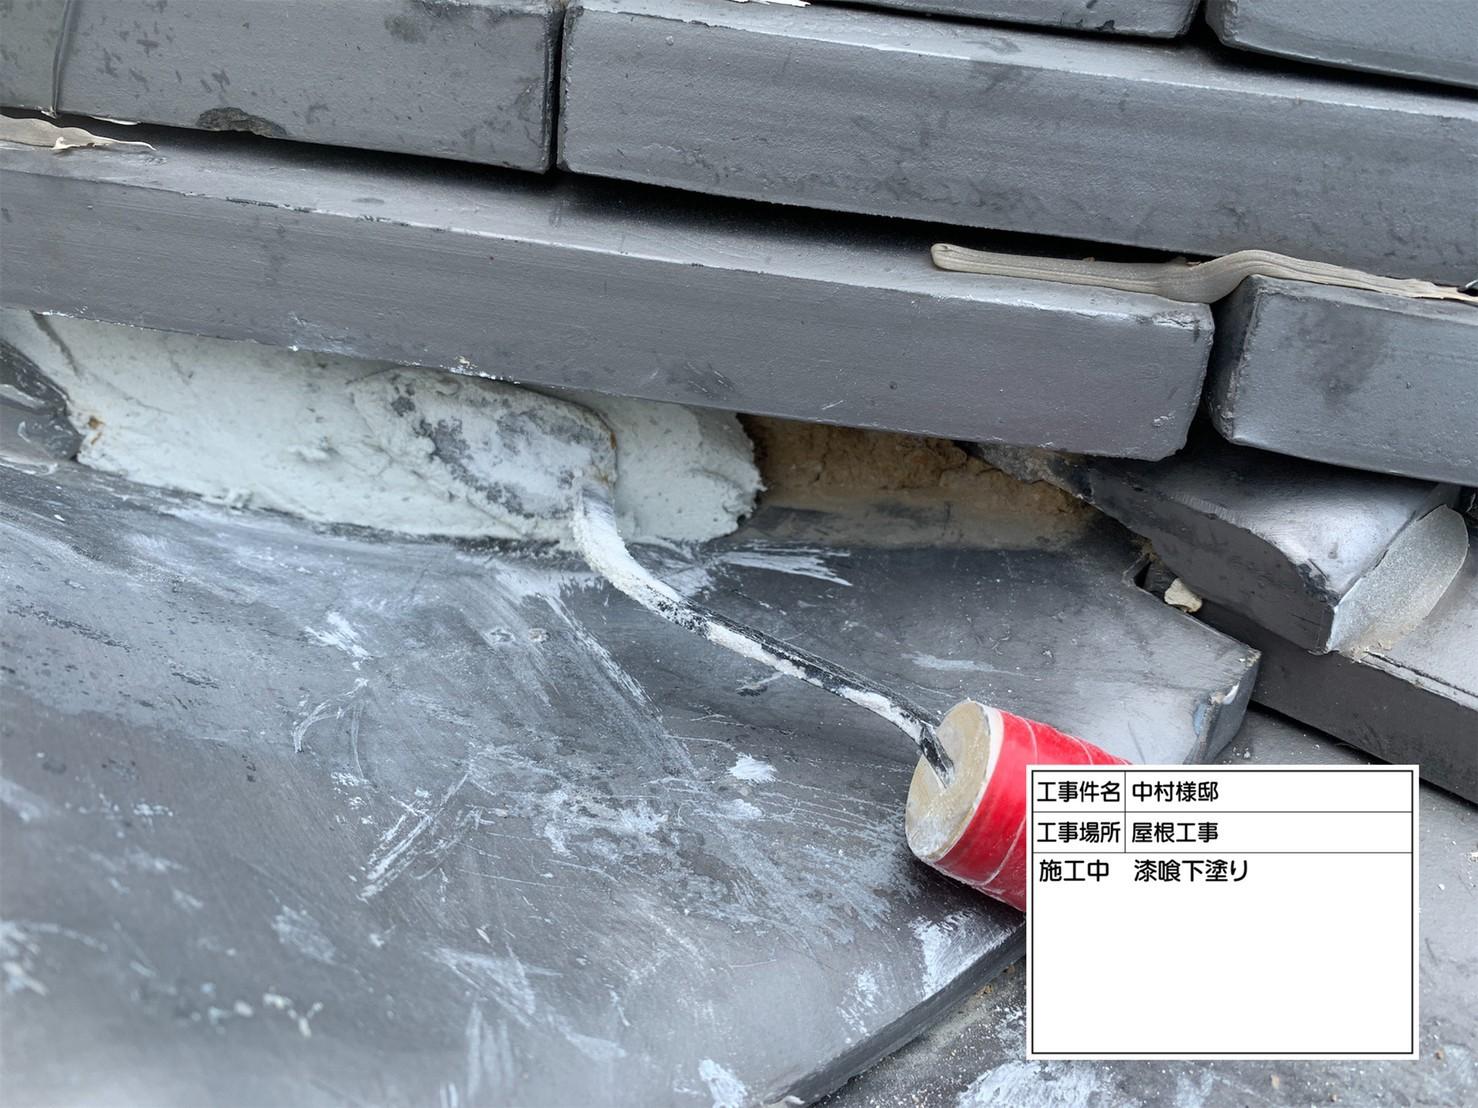 神戸市西区で瓦屋根に漆喰を塗っている様子